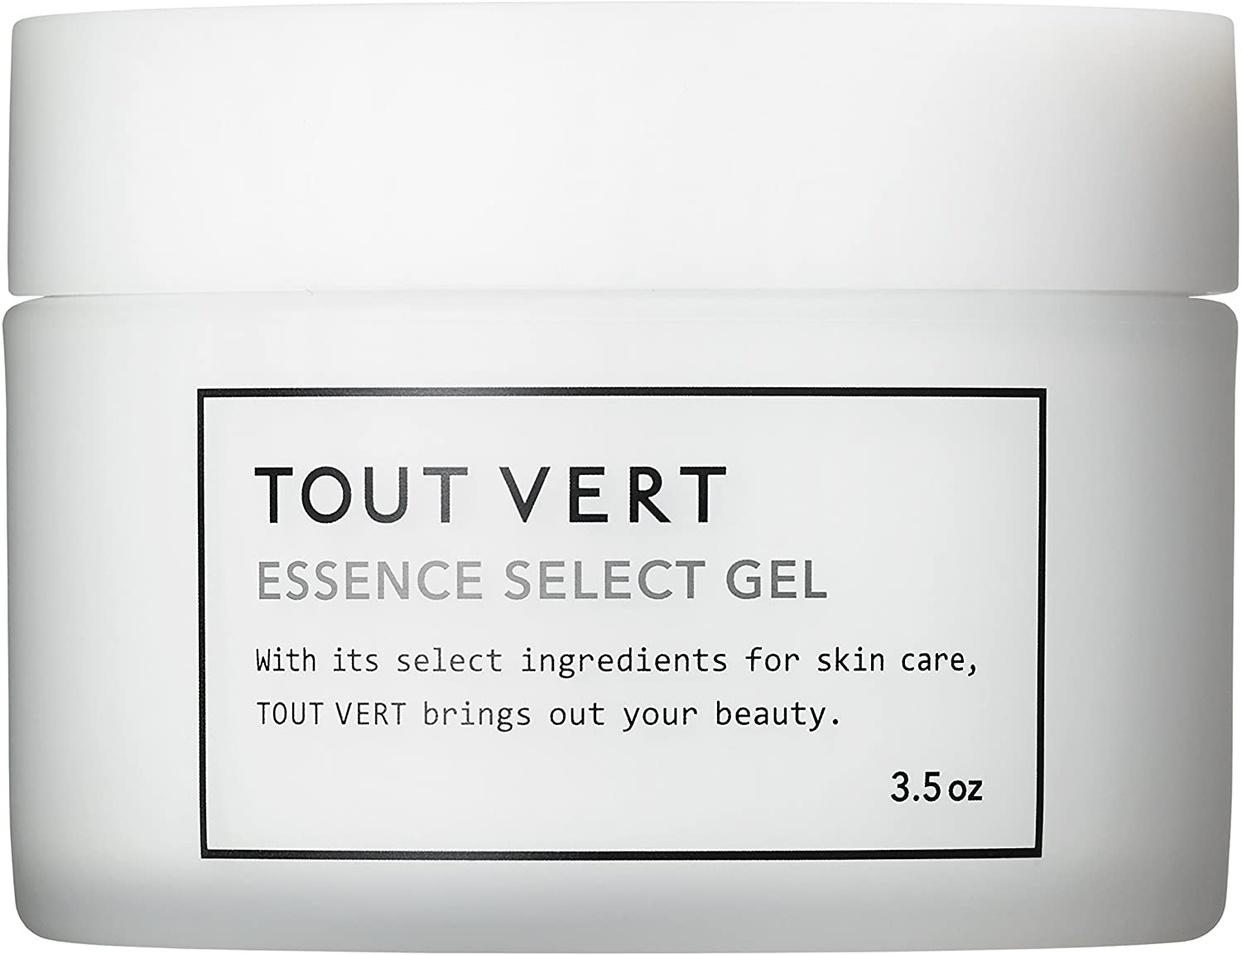 TOUT VERT(トゥヴェール) エッセンスセレクトゲルの商品画像